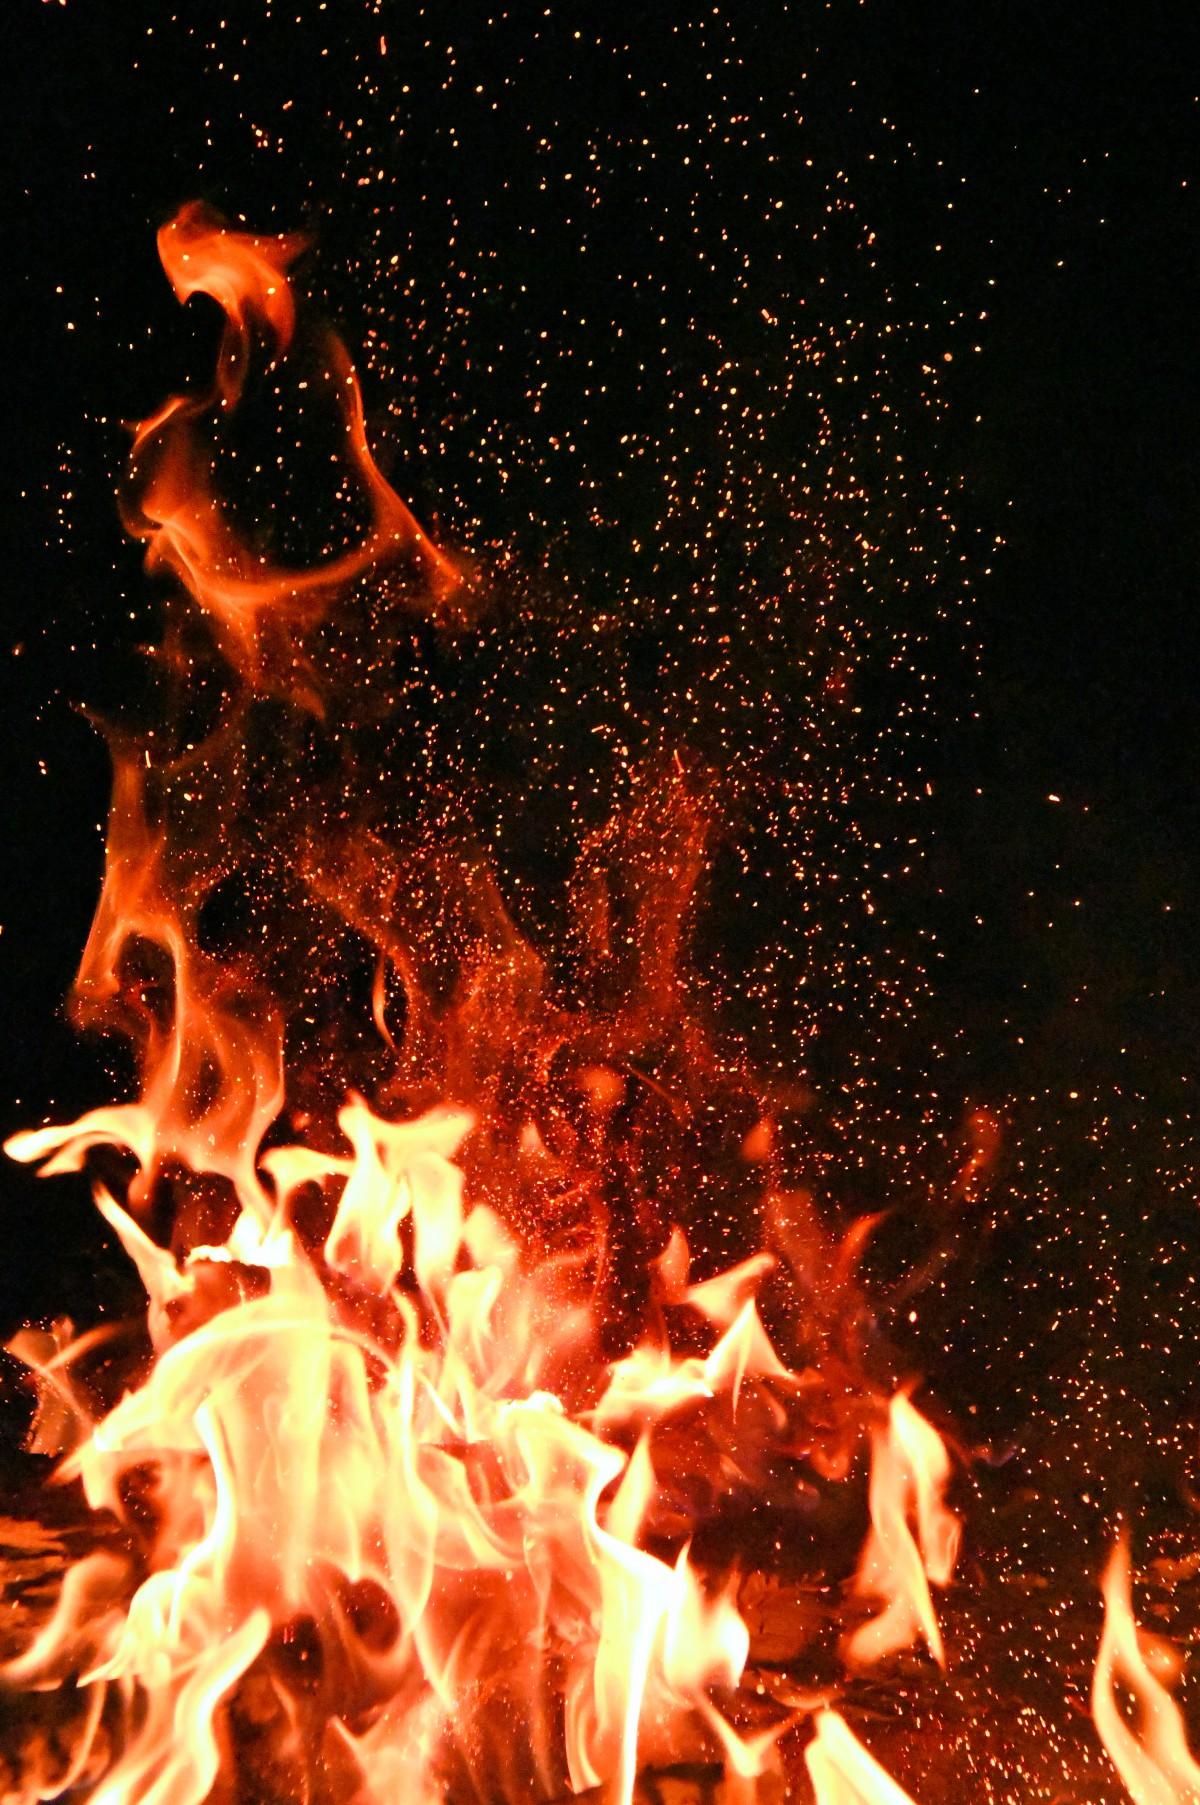 Hình ảnh ngọn lửa rất đẹp